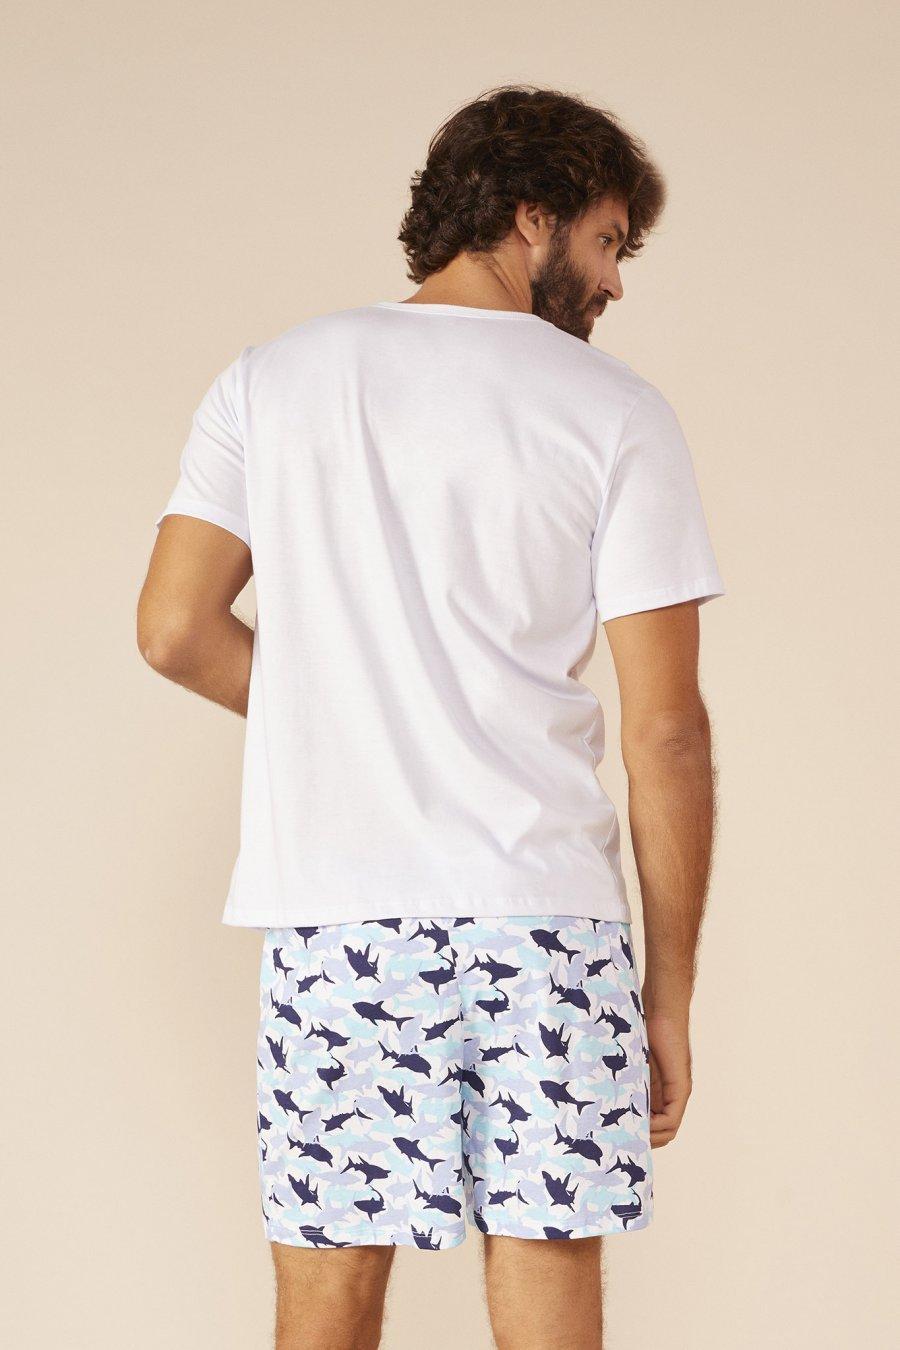 LANÇAMENTO Pijama 100% Algodão Felicidade Mundo dos Sonhos Primavera Verão 22 MDS